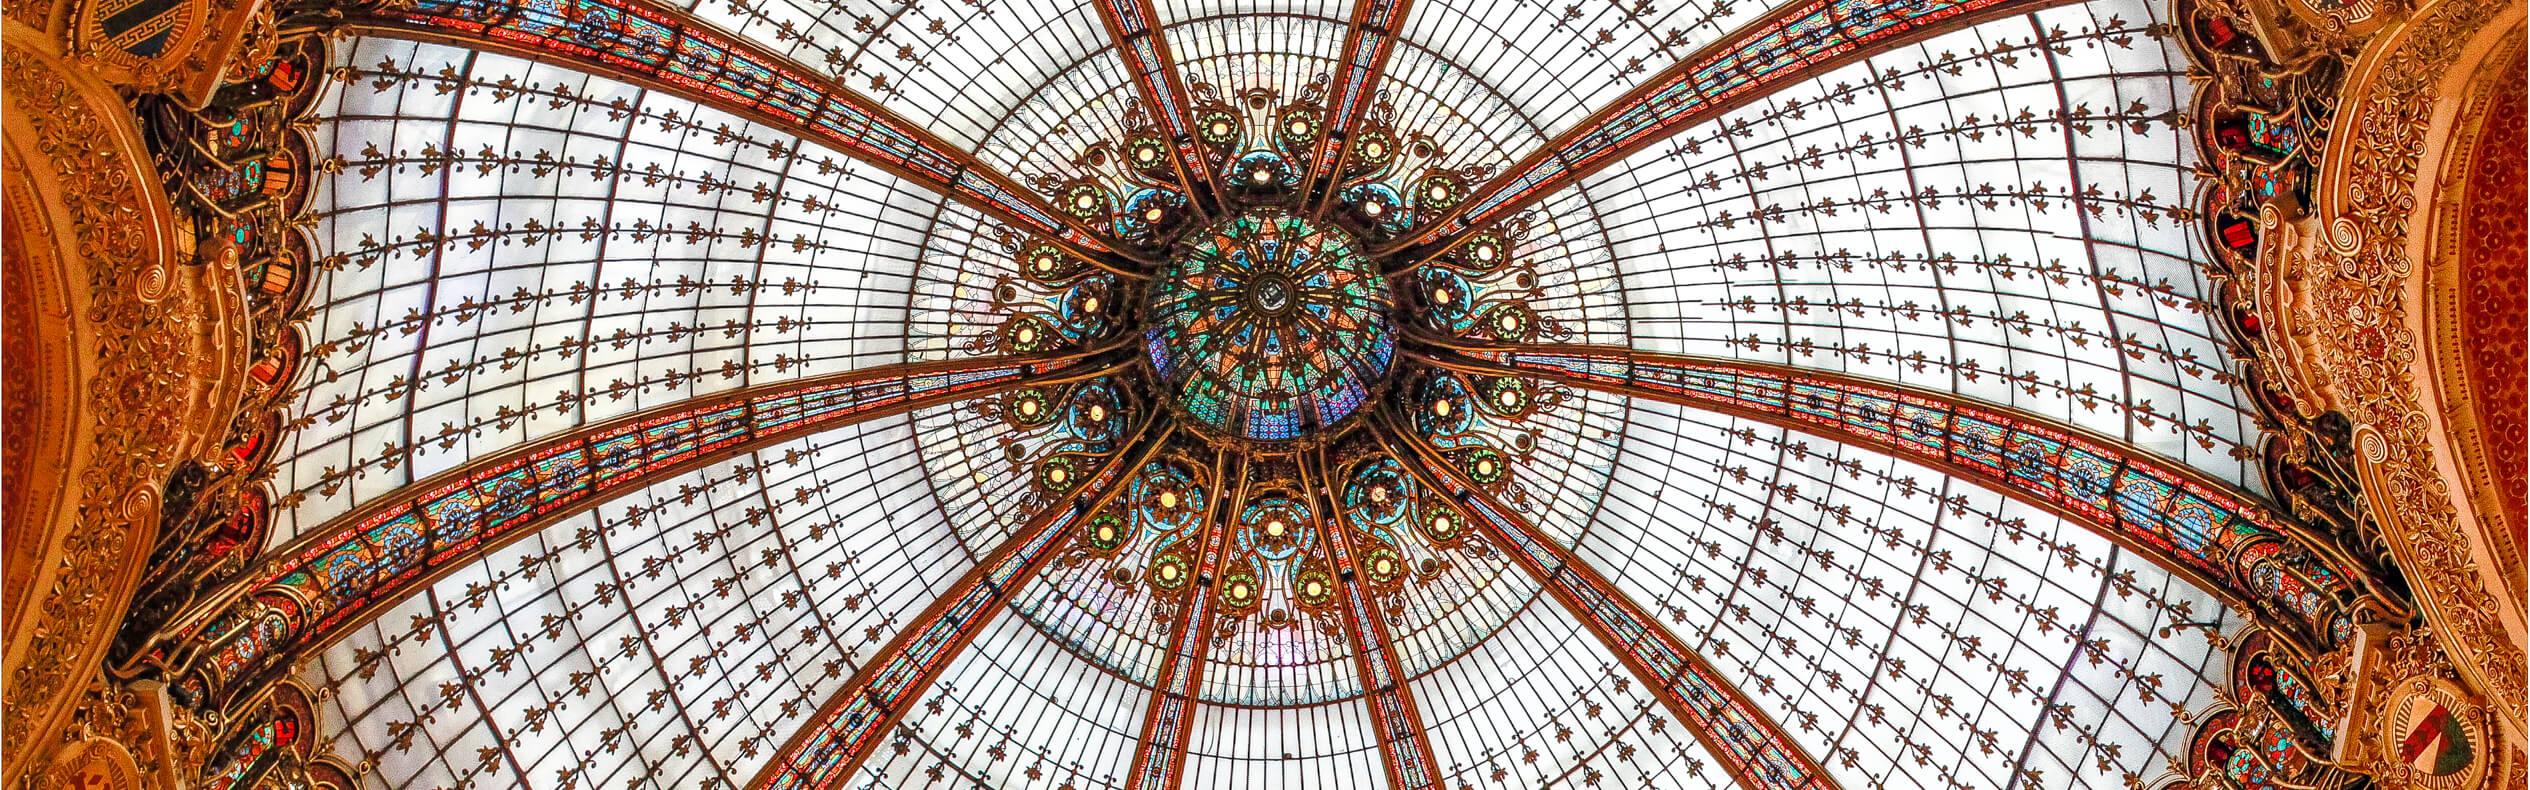 Chasseur Immobilier Paris 9